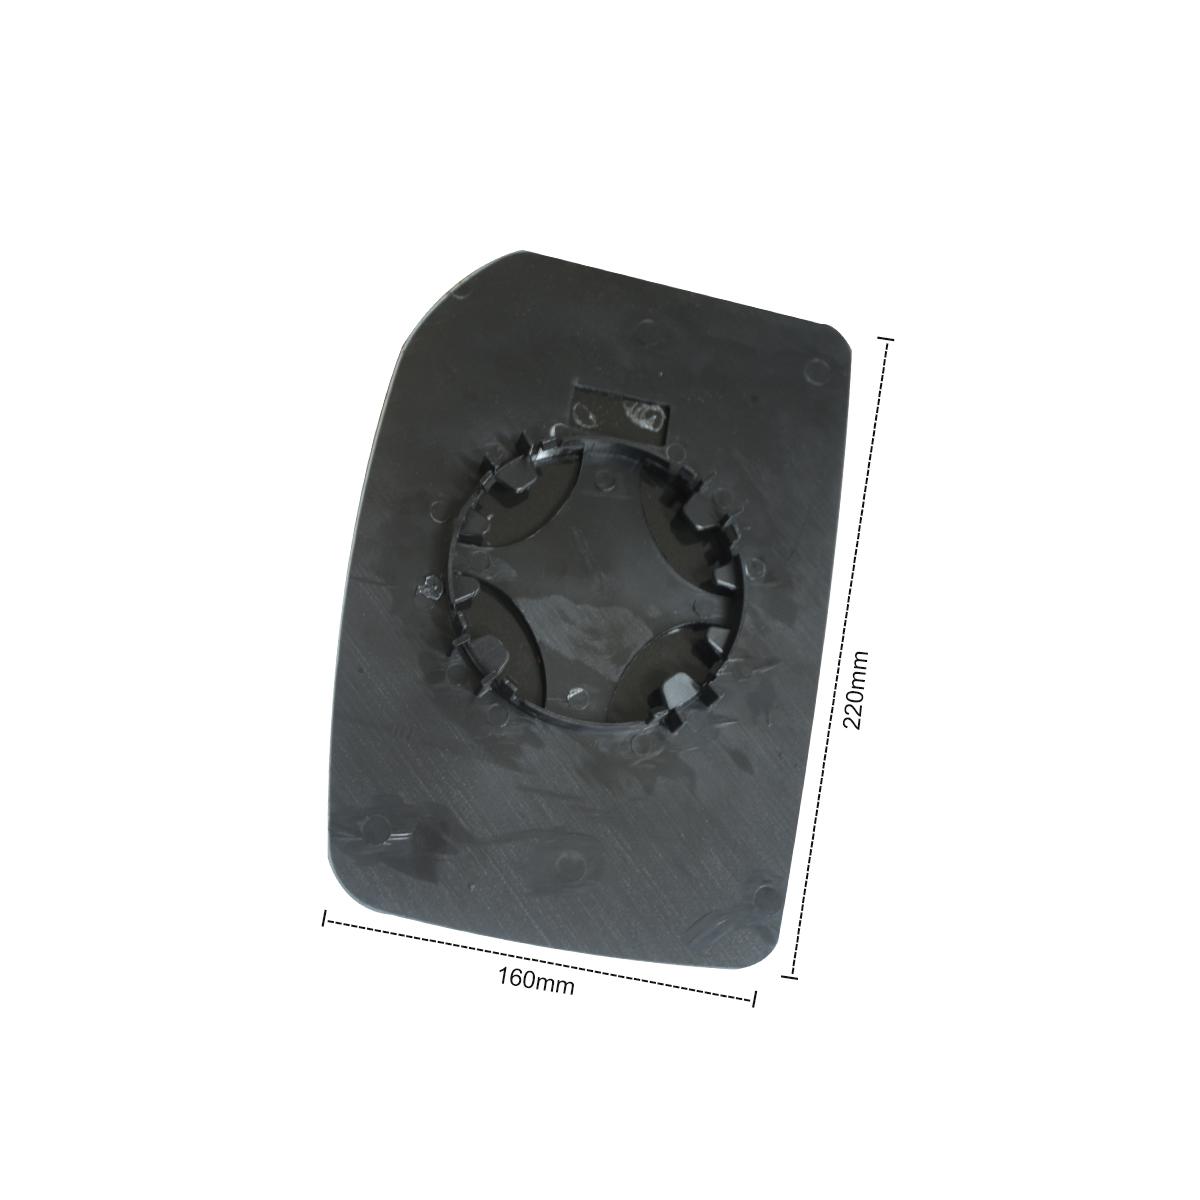 Porte Avant Aile Miroir verre FORD TRANSIT MK6 MK7 2000-2014 conducteurs côté gauche